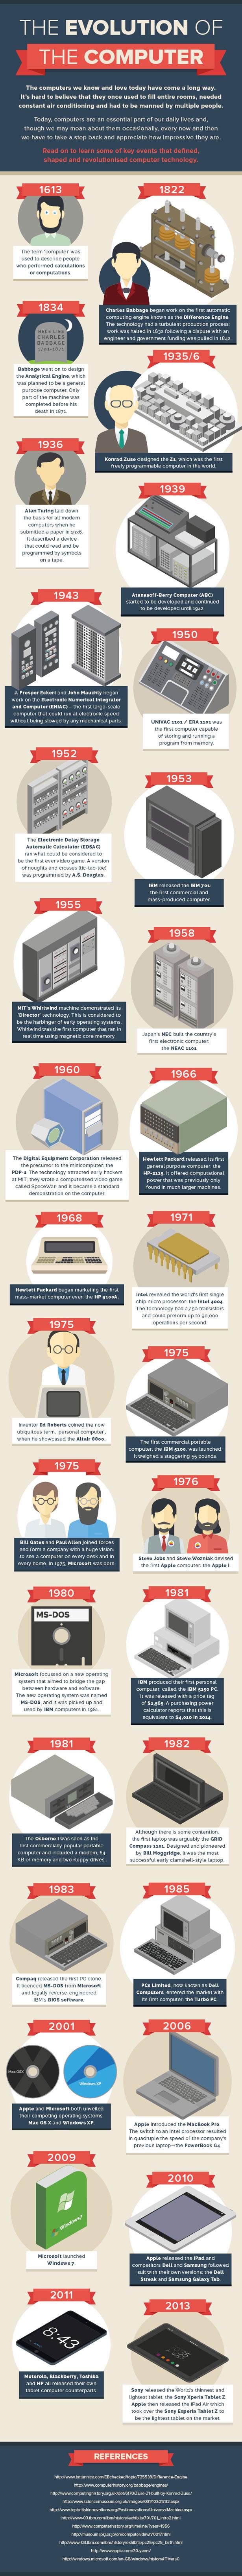 historique des ordinateurs